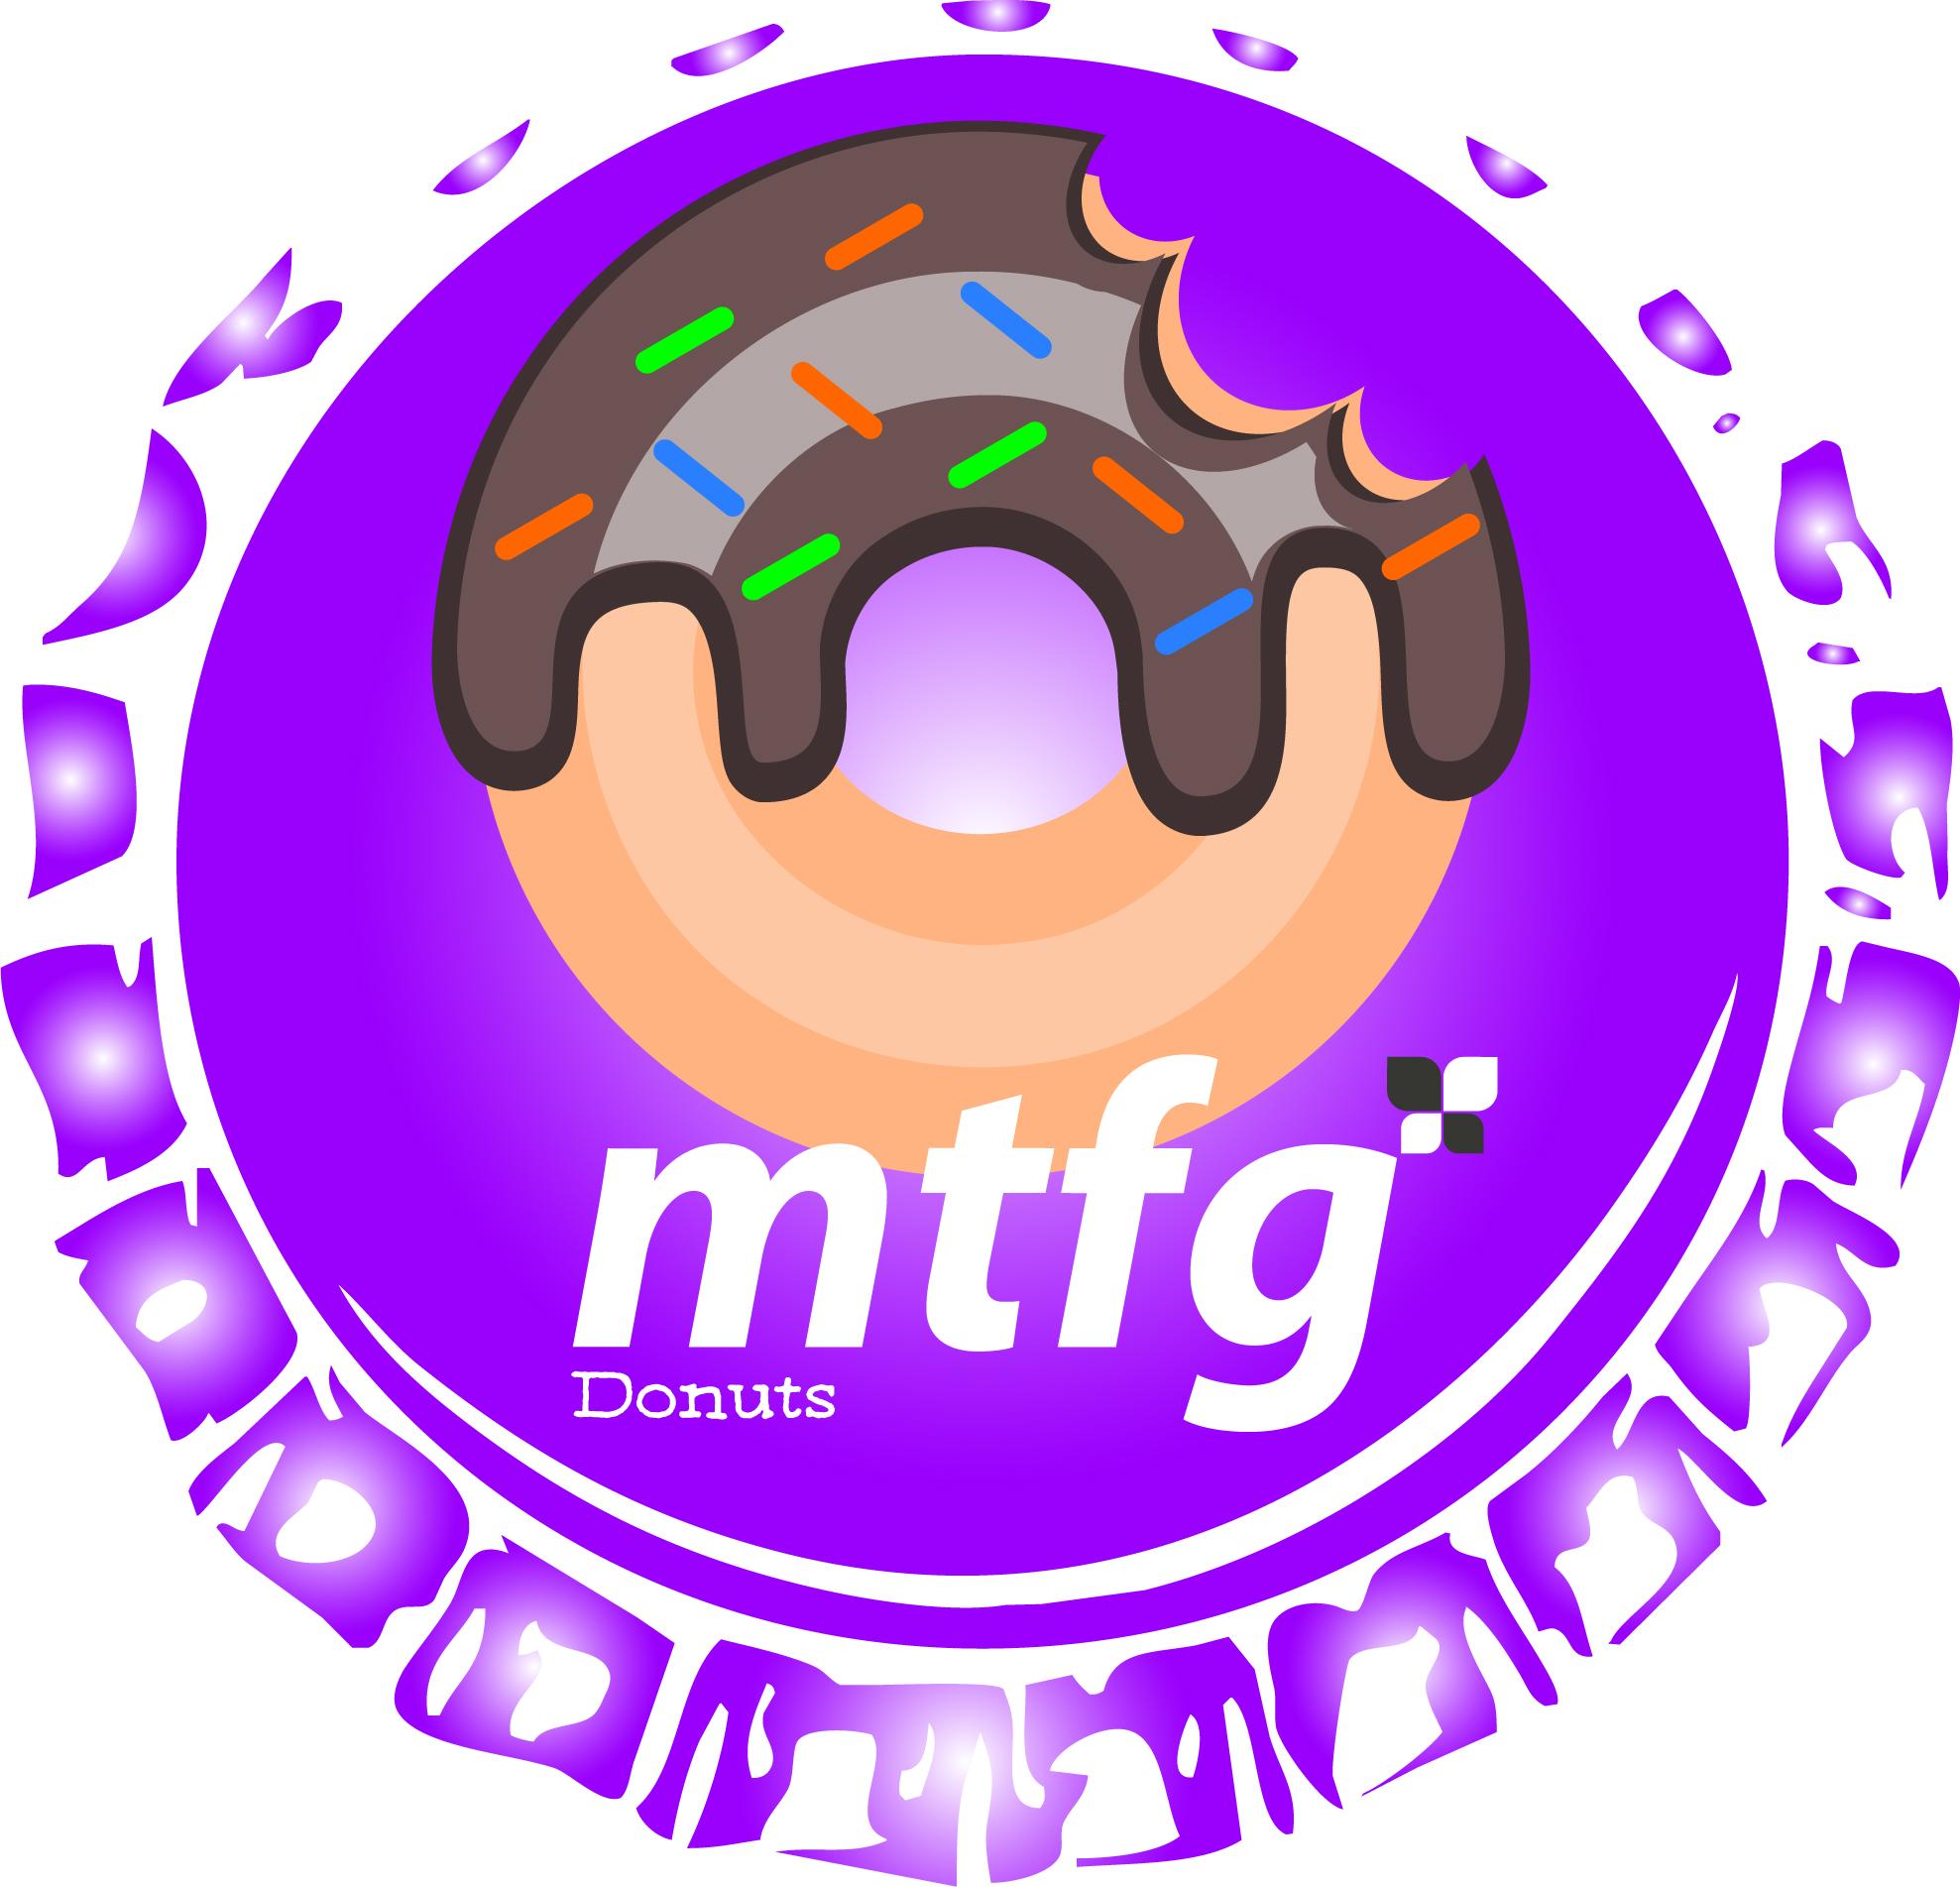 MTFG Donuts